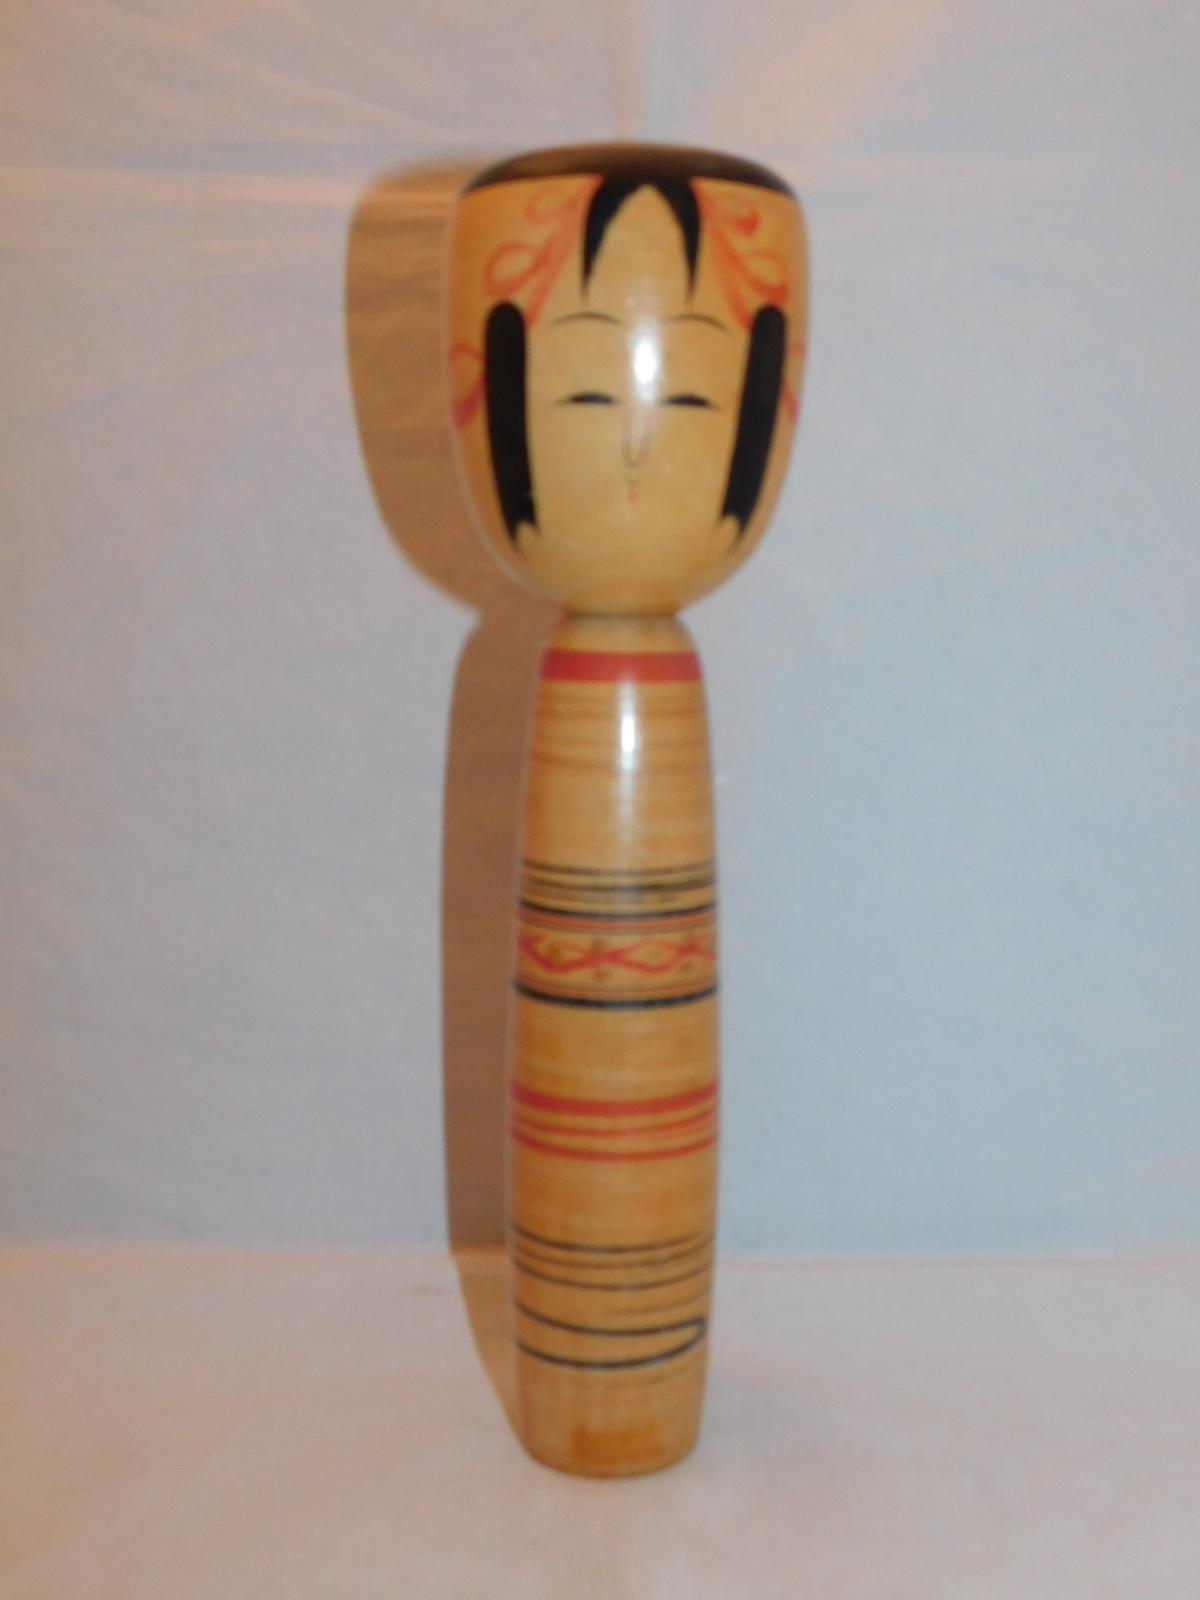 こけし人形 Kokeshi doll(Keihide  Doyou signature)